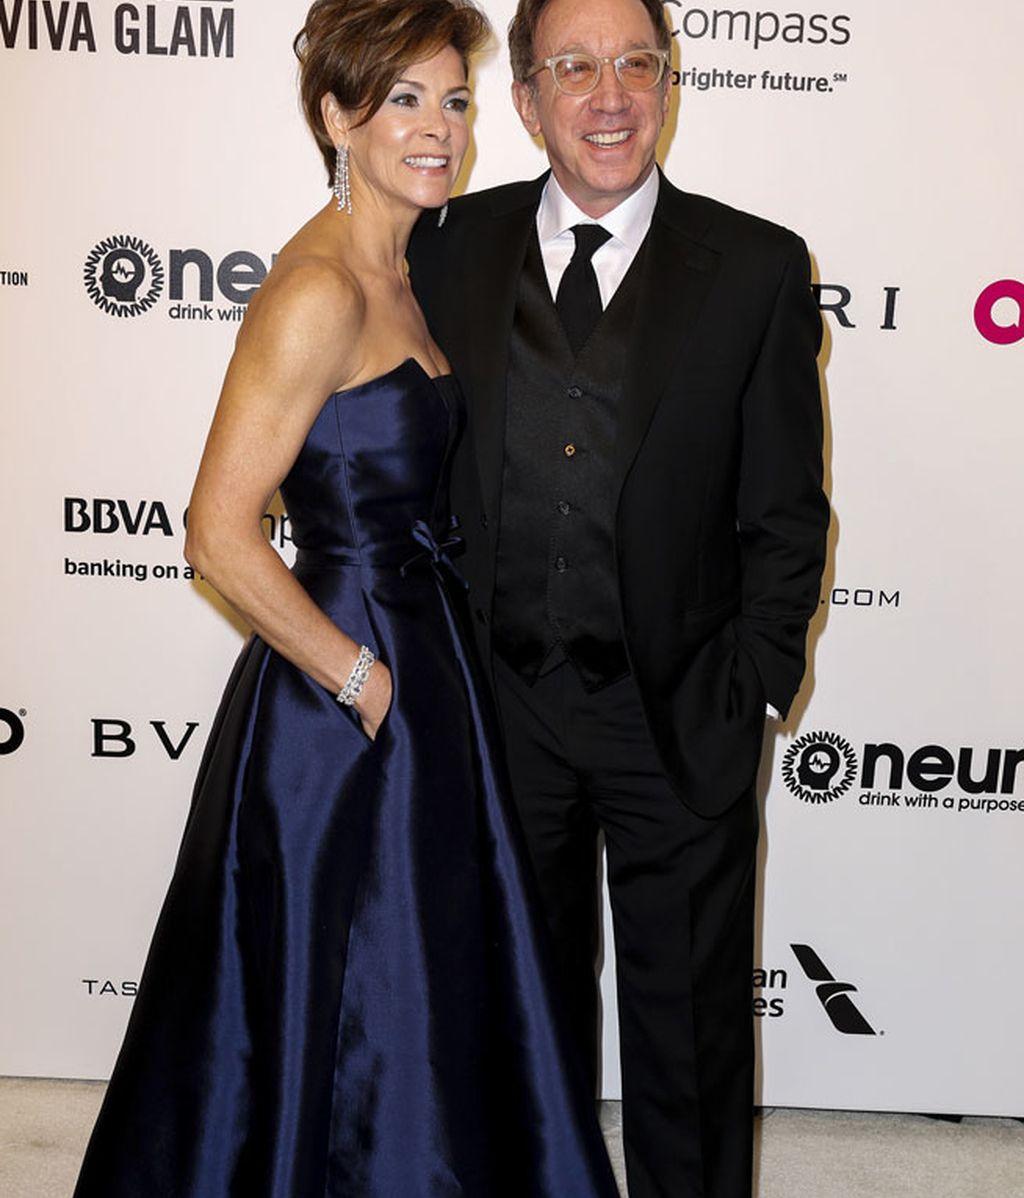 Tim Allen acudía al evento junto a su esposa, Jane Hajduk